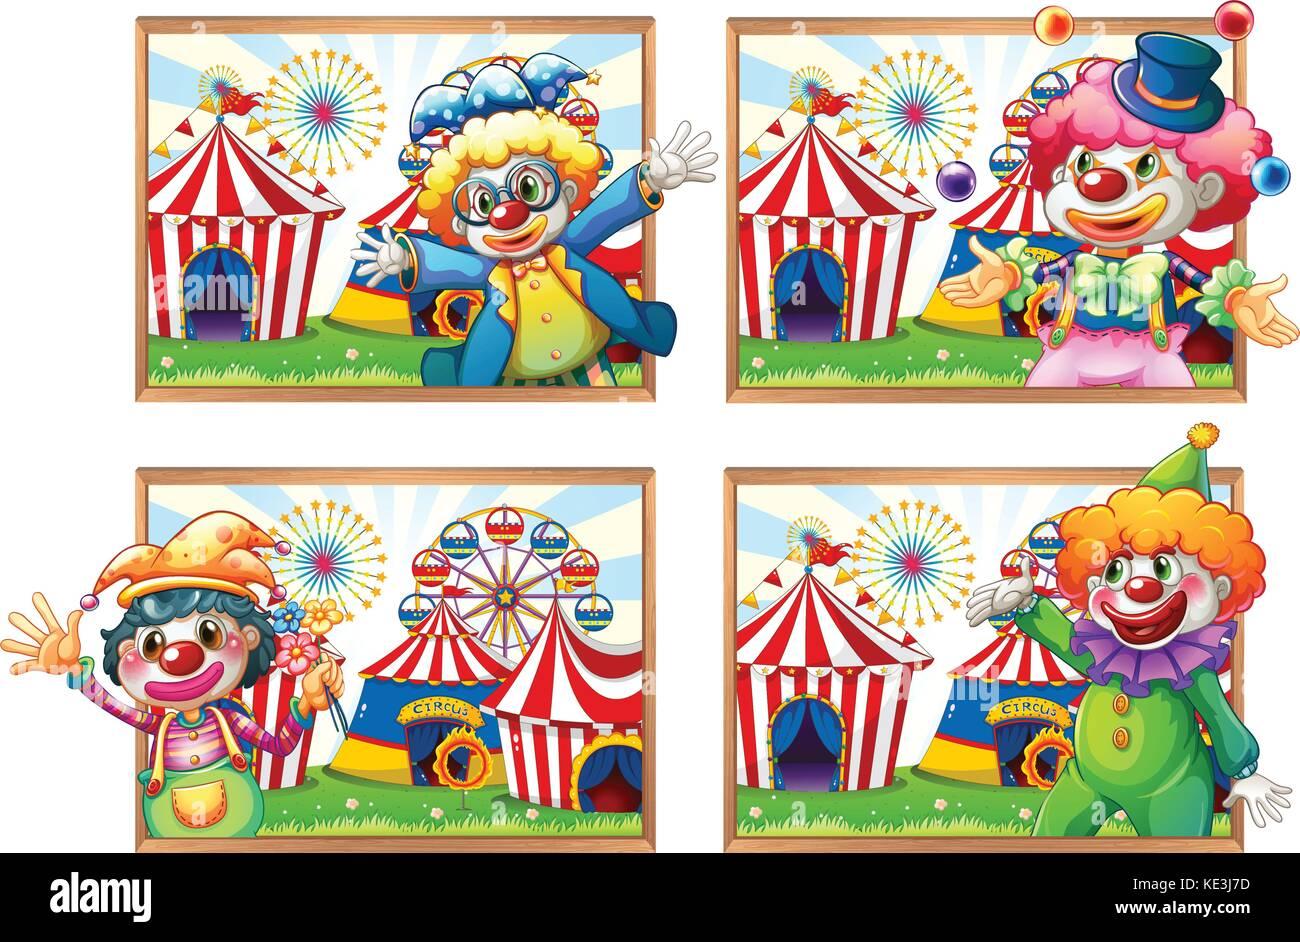 Vier Bilderrahmen von Clowns im Zirkus Abbildung Vektor Abbildung ...